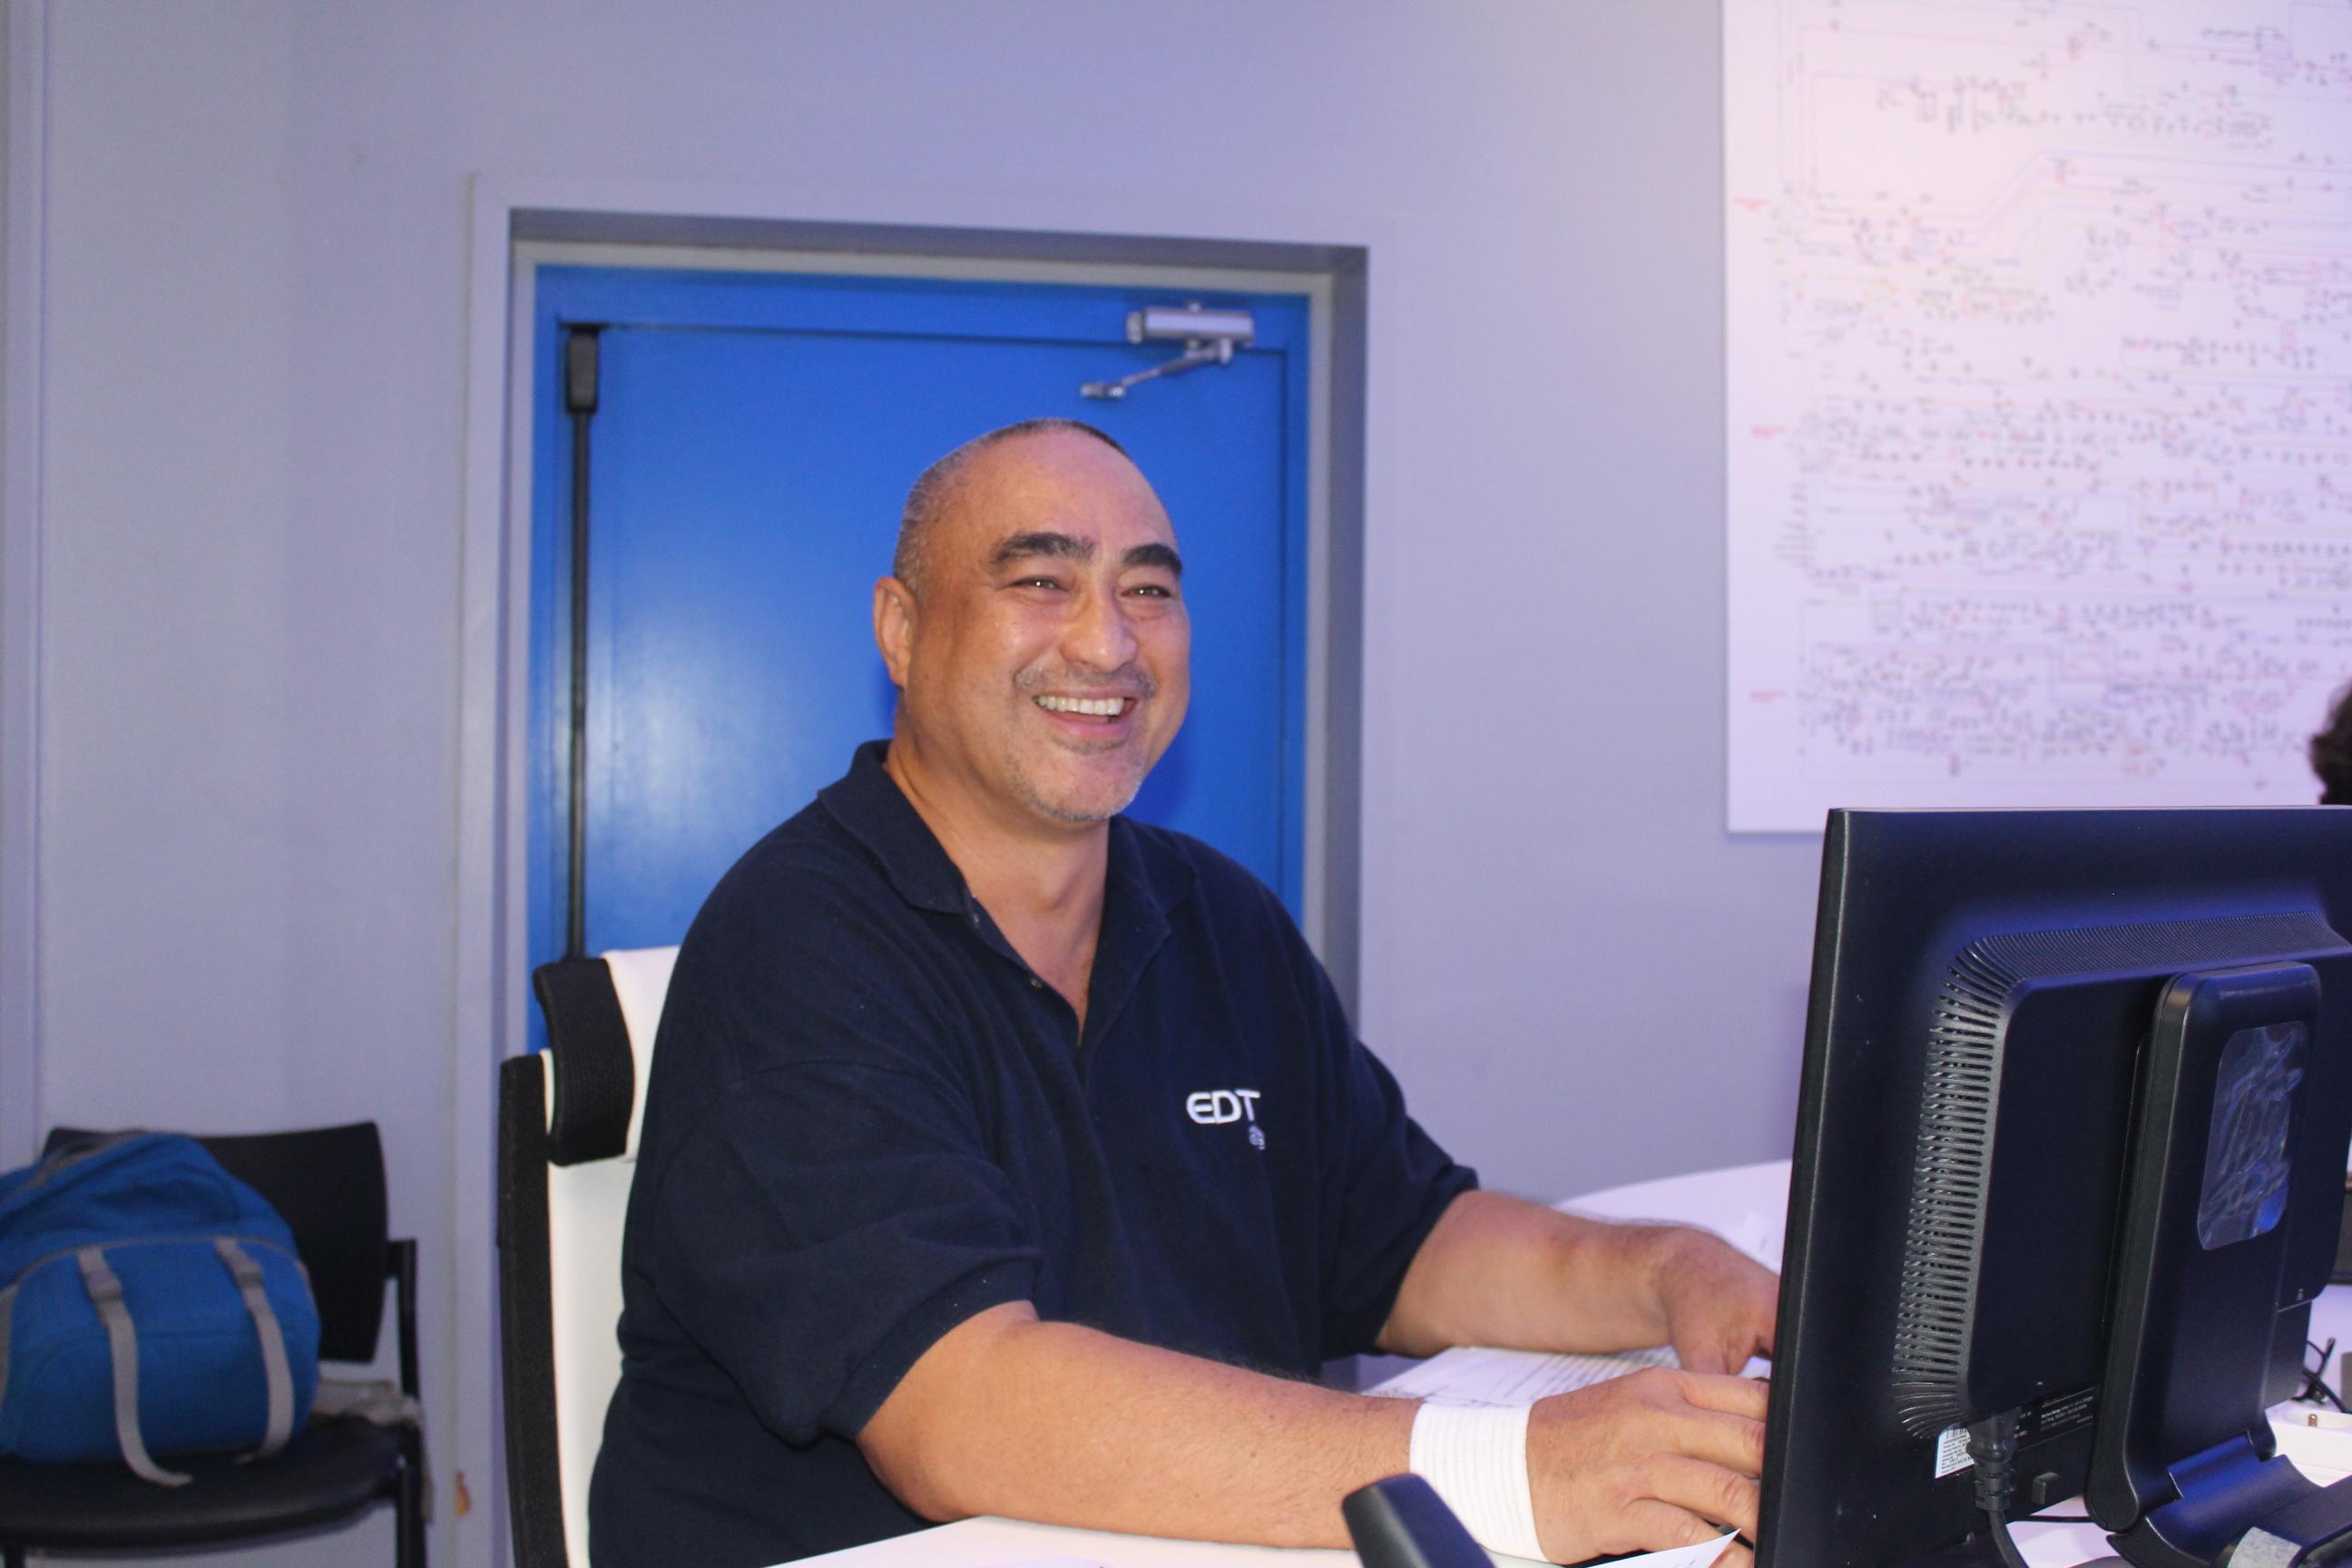 Thom Tuheiava travaille chez EDT depuis 32 ans.